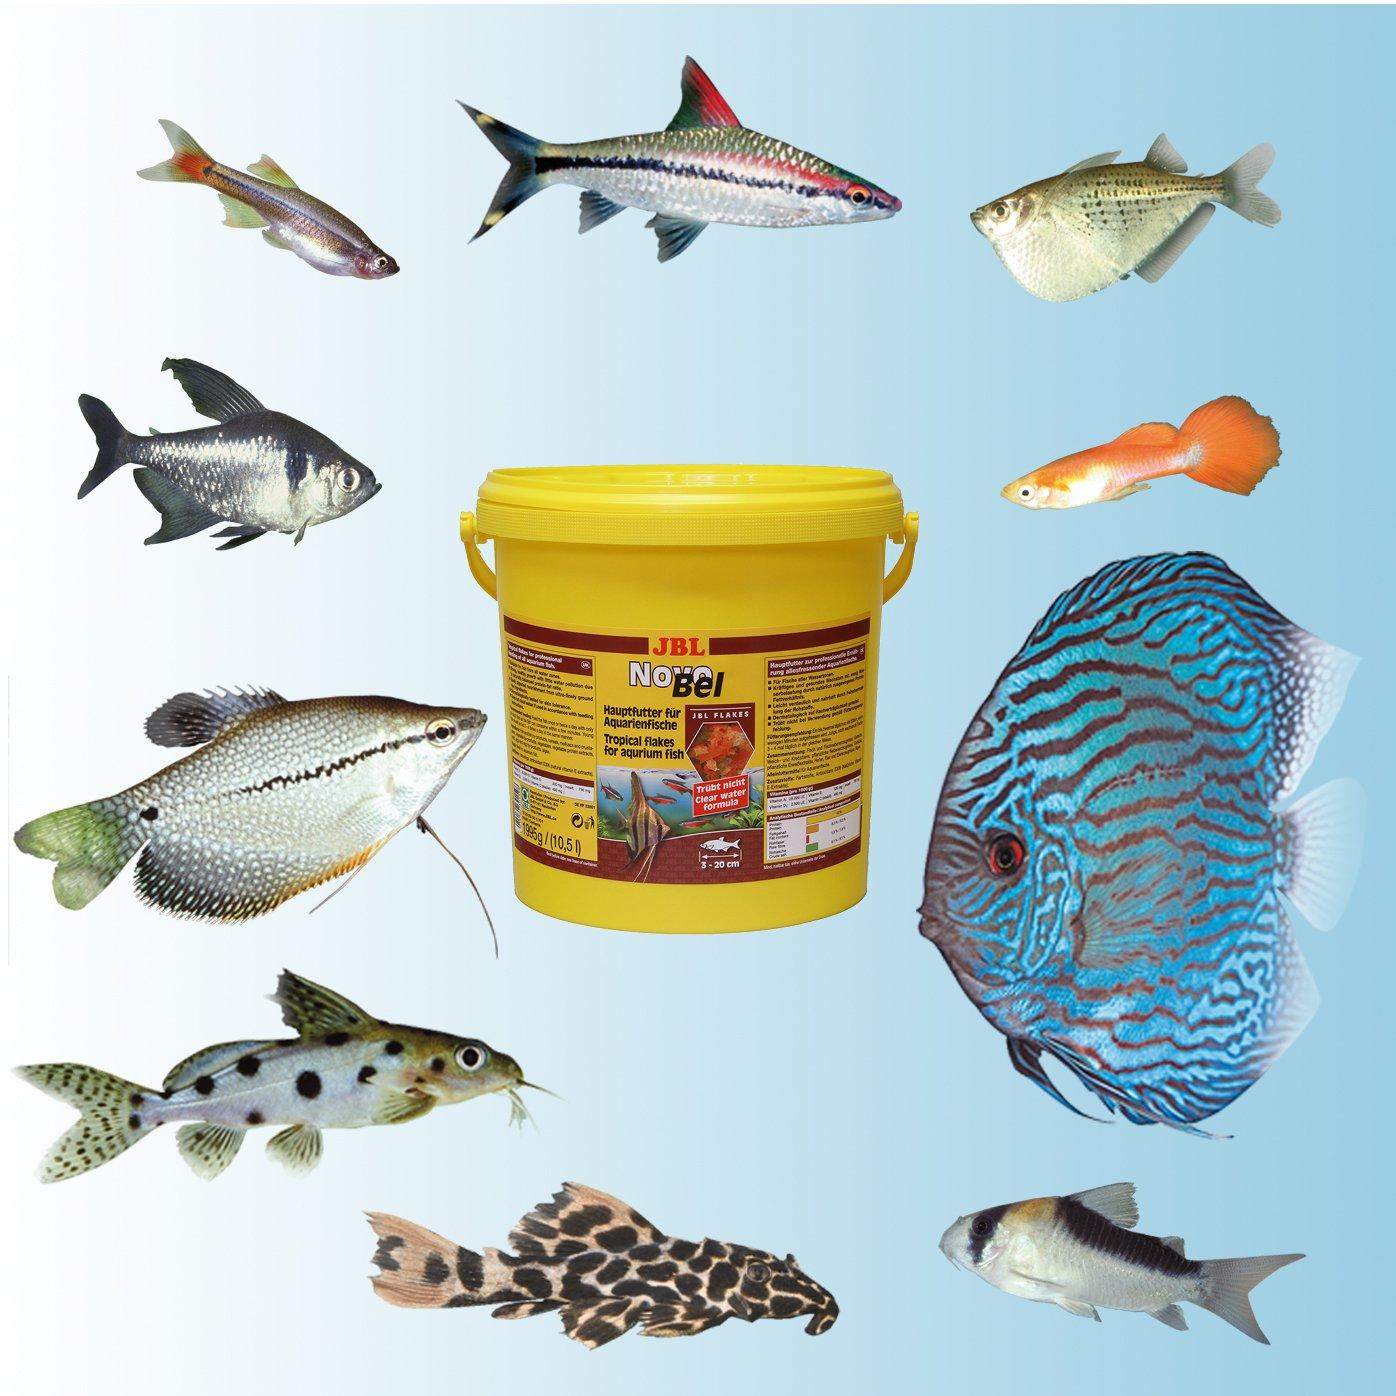 JBL - Alimentación completa para todos los peces de acuario: Amazon.es: Productos para mascotas